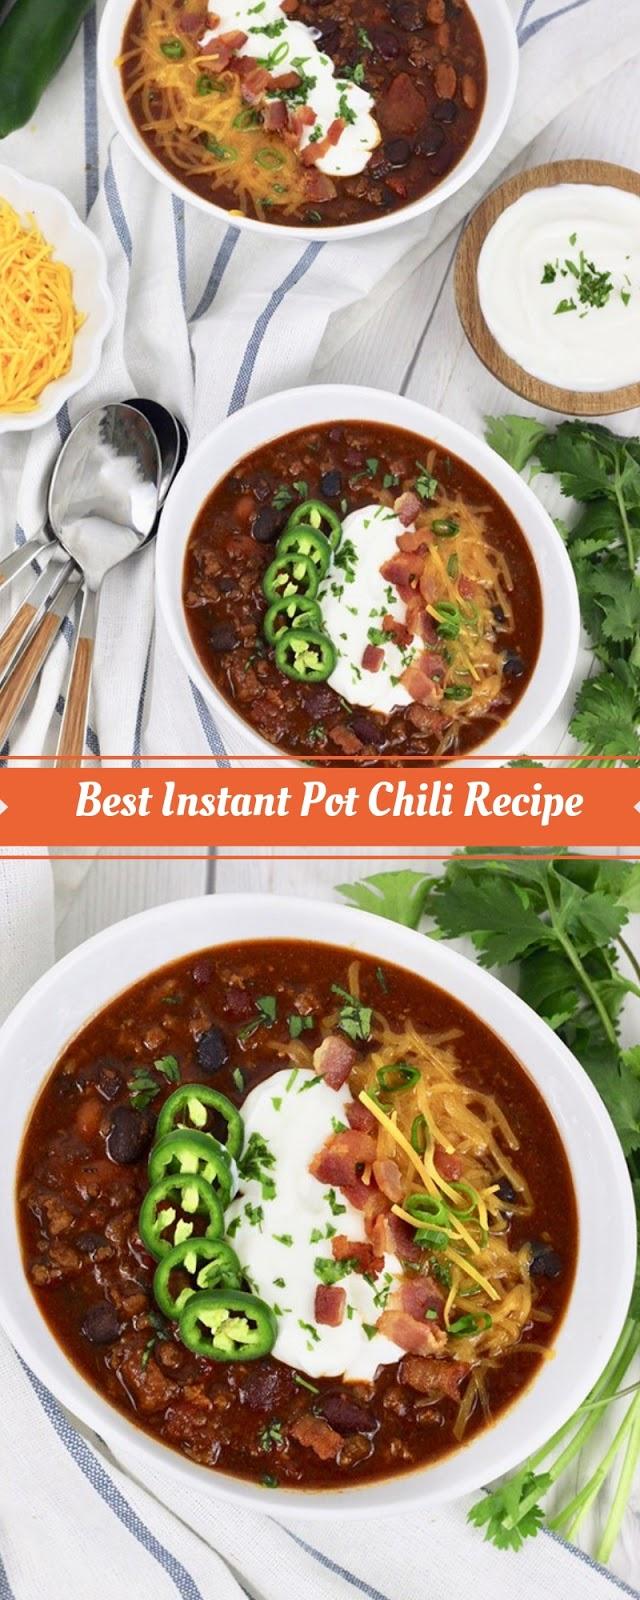 Best Instant Pot Chili Recipe